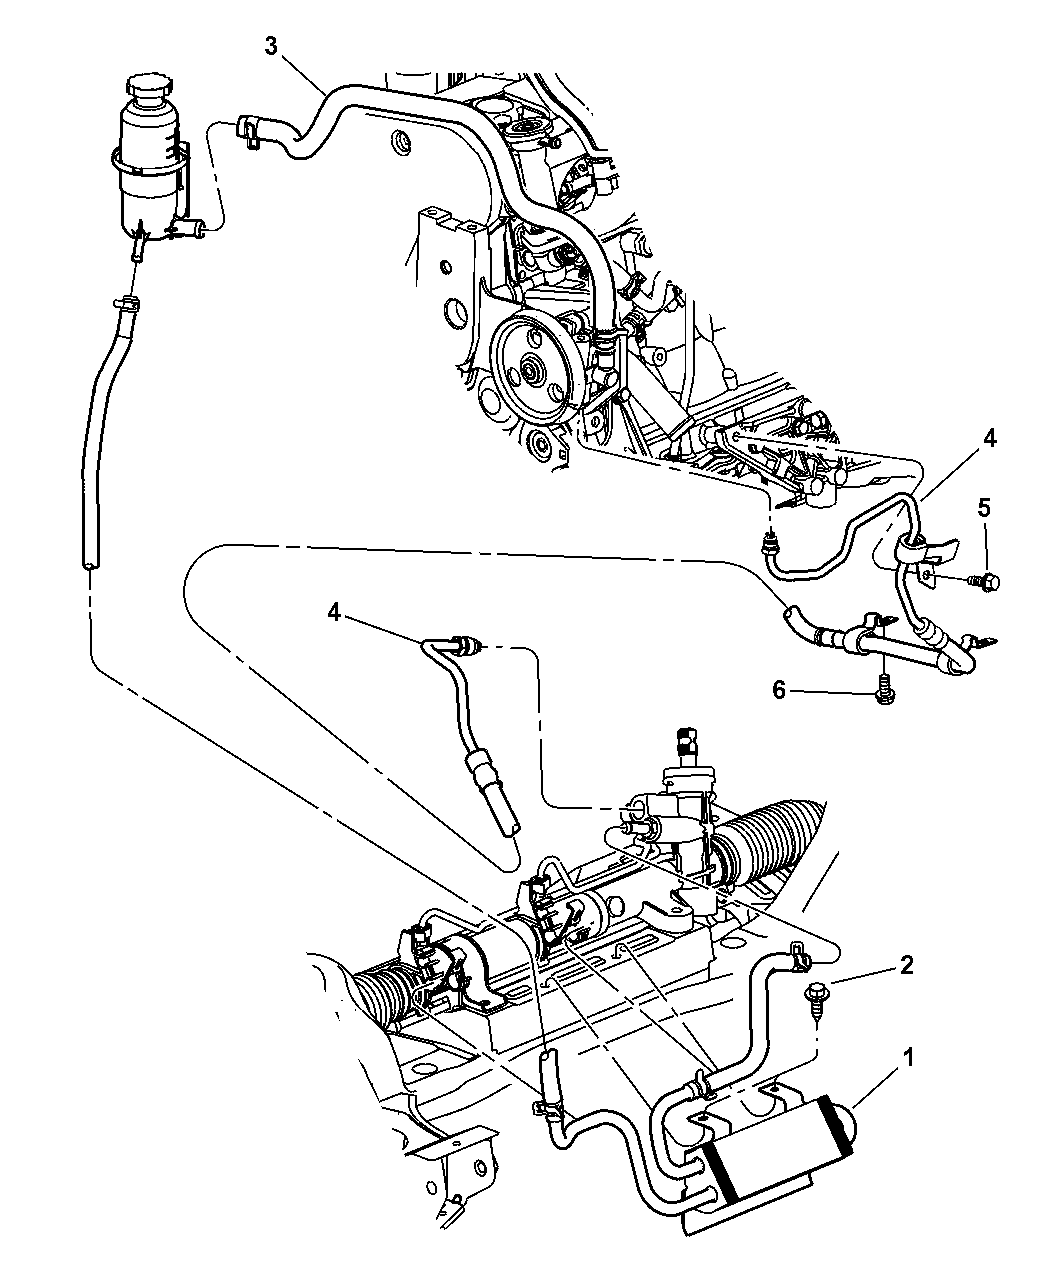 2002 chrysler pt cruiser power steering hoses